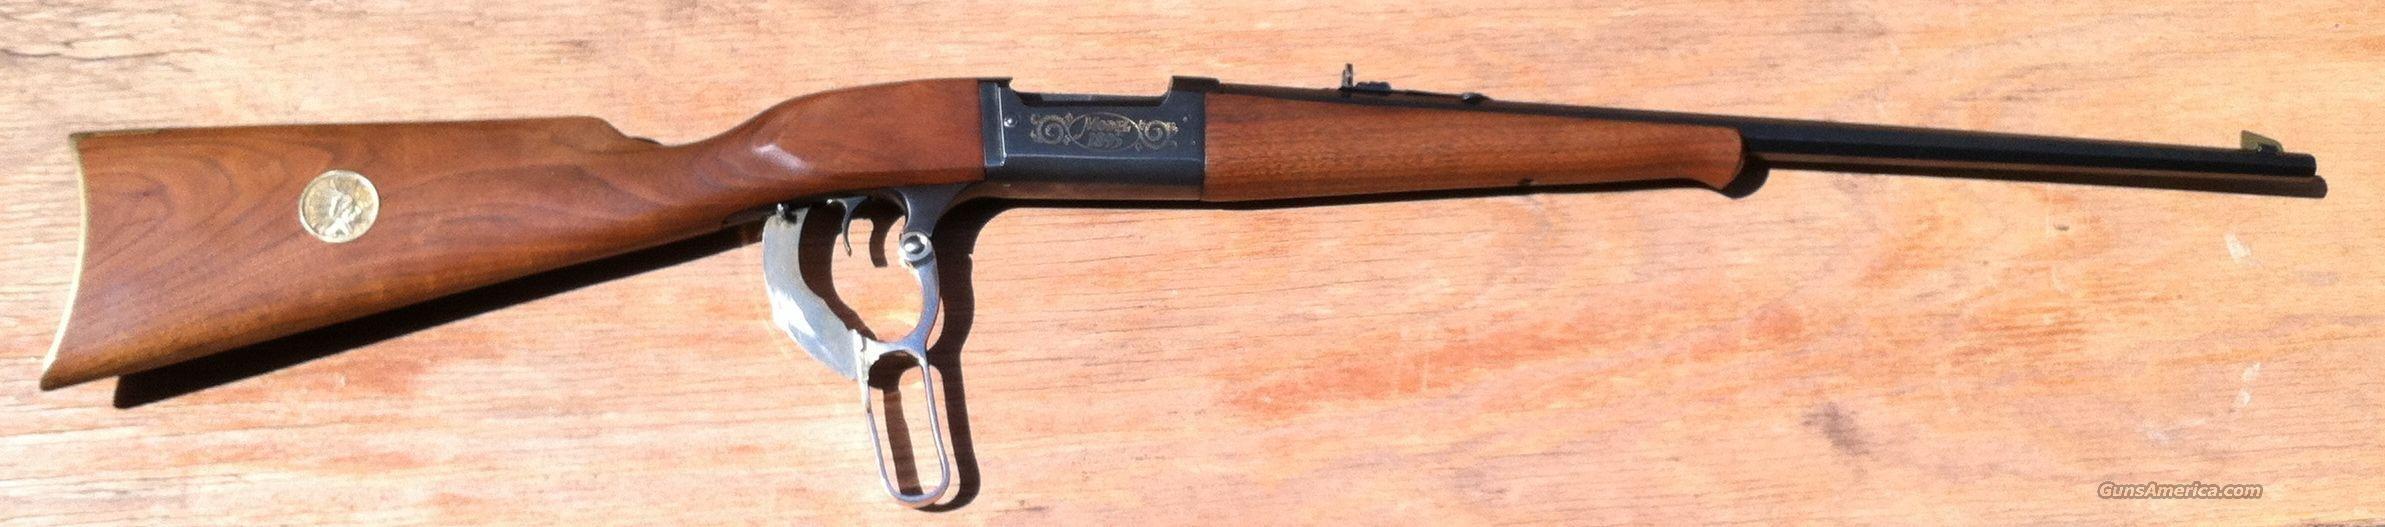 Savage 1895 1899 75th Anniversary 308  Guns > Rifles > Savage Rifles > Model 95/99 Family